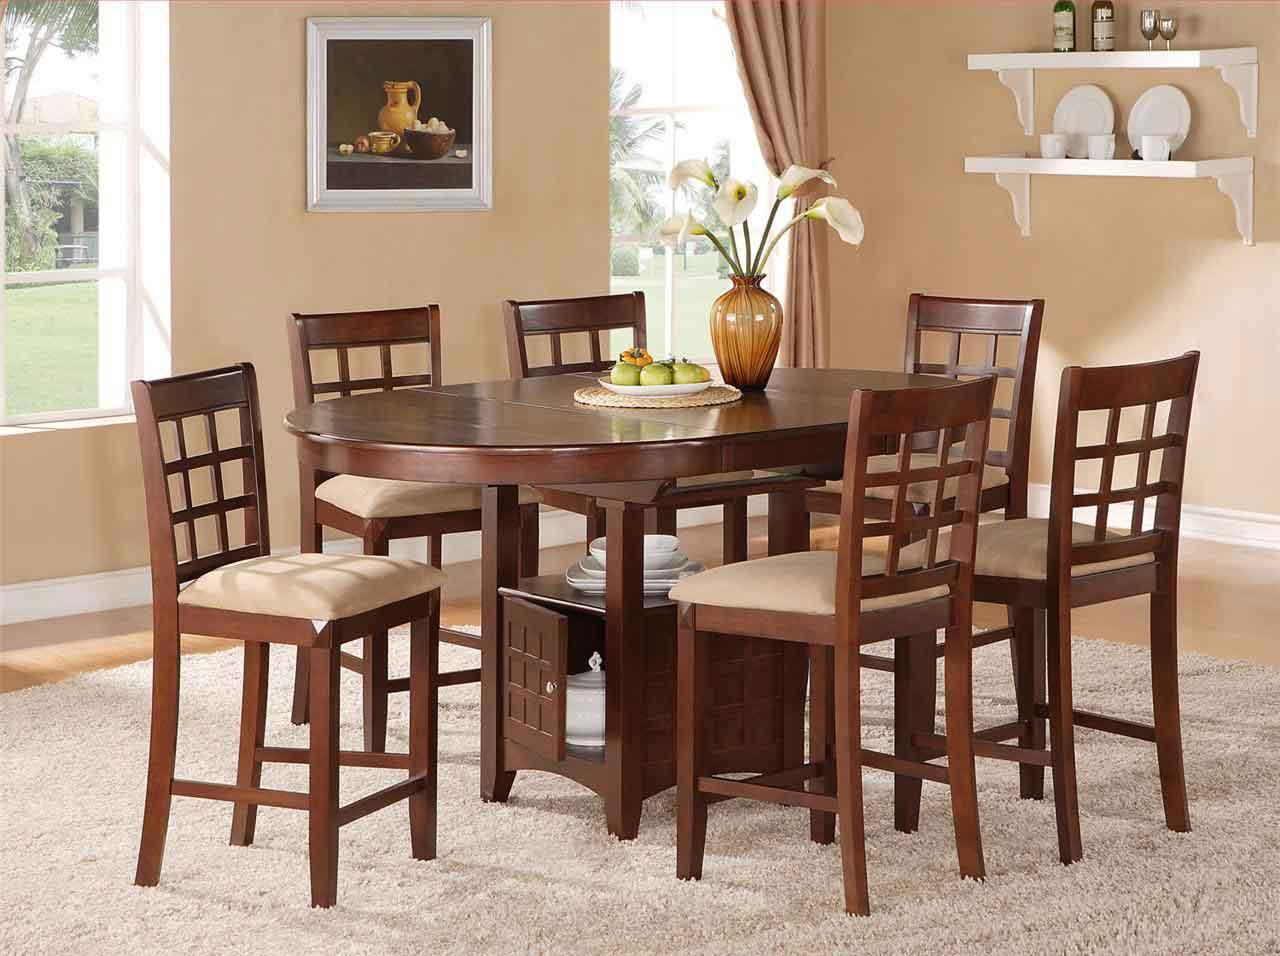 Minimalist Wood Dining Set With Large Fur Rug